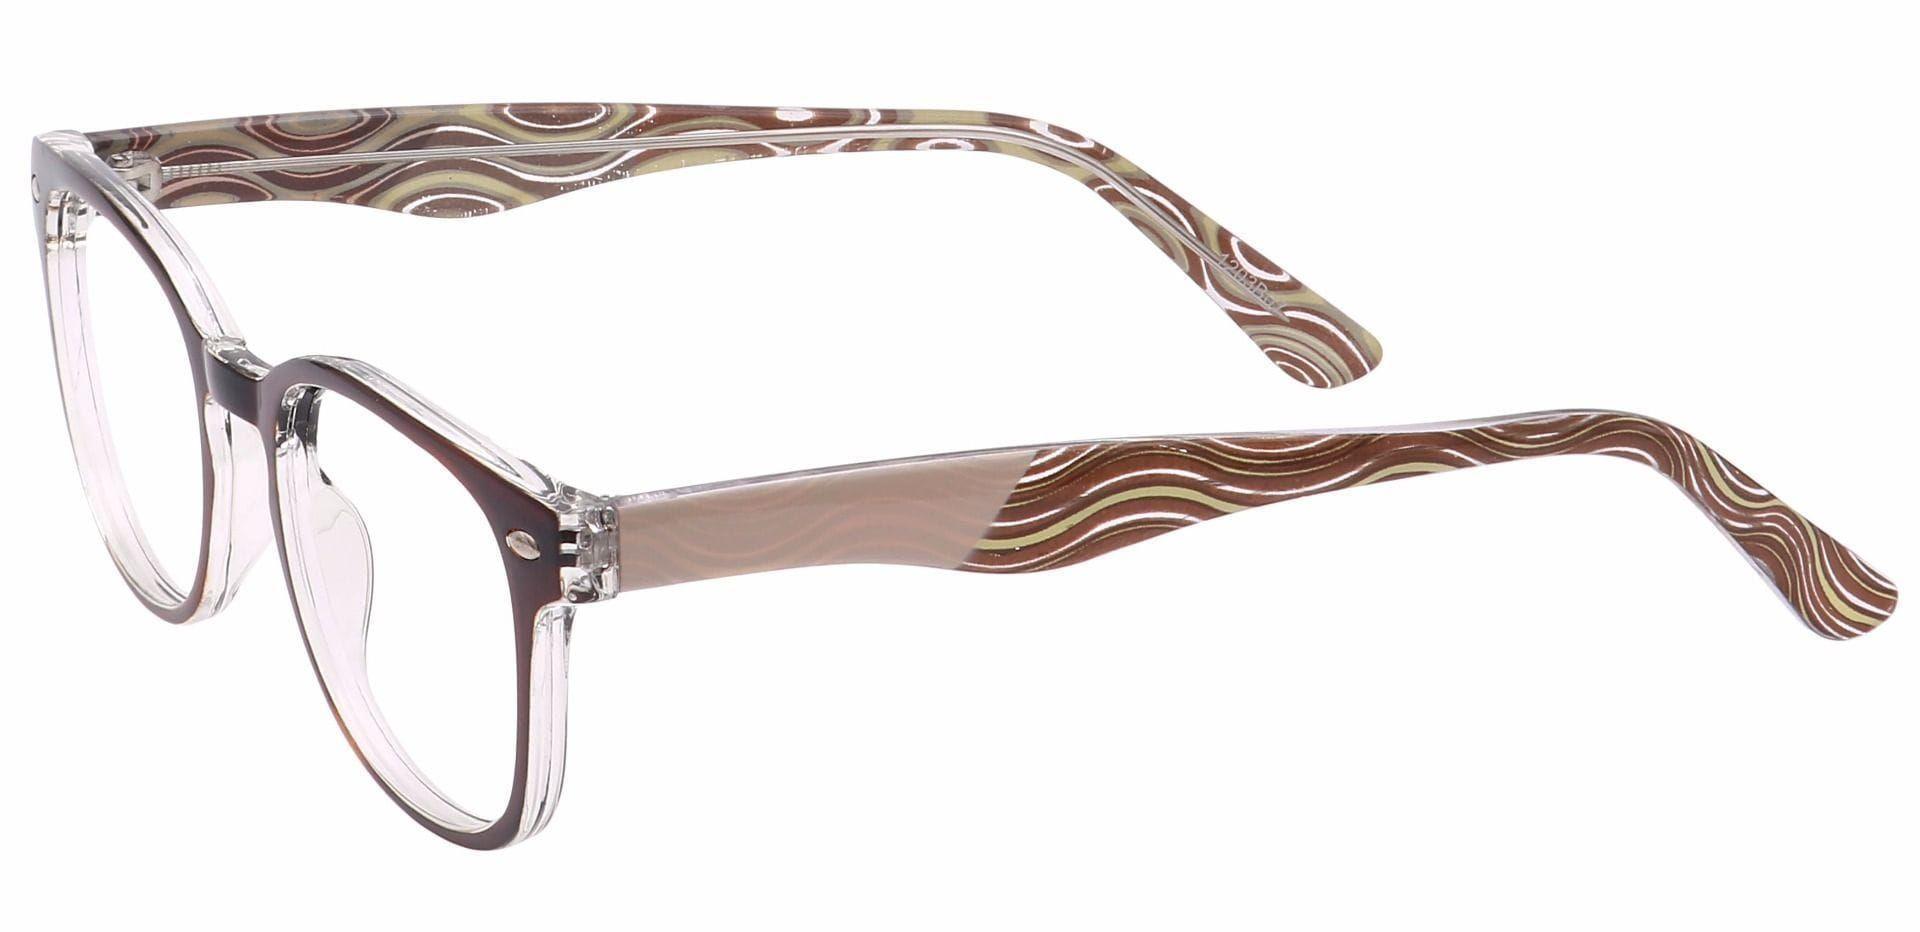 Swirl Rectangle Non-Rx Glasses - Brown